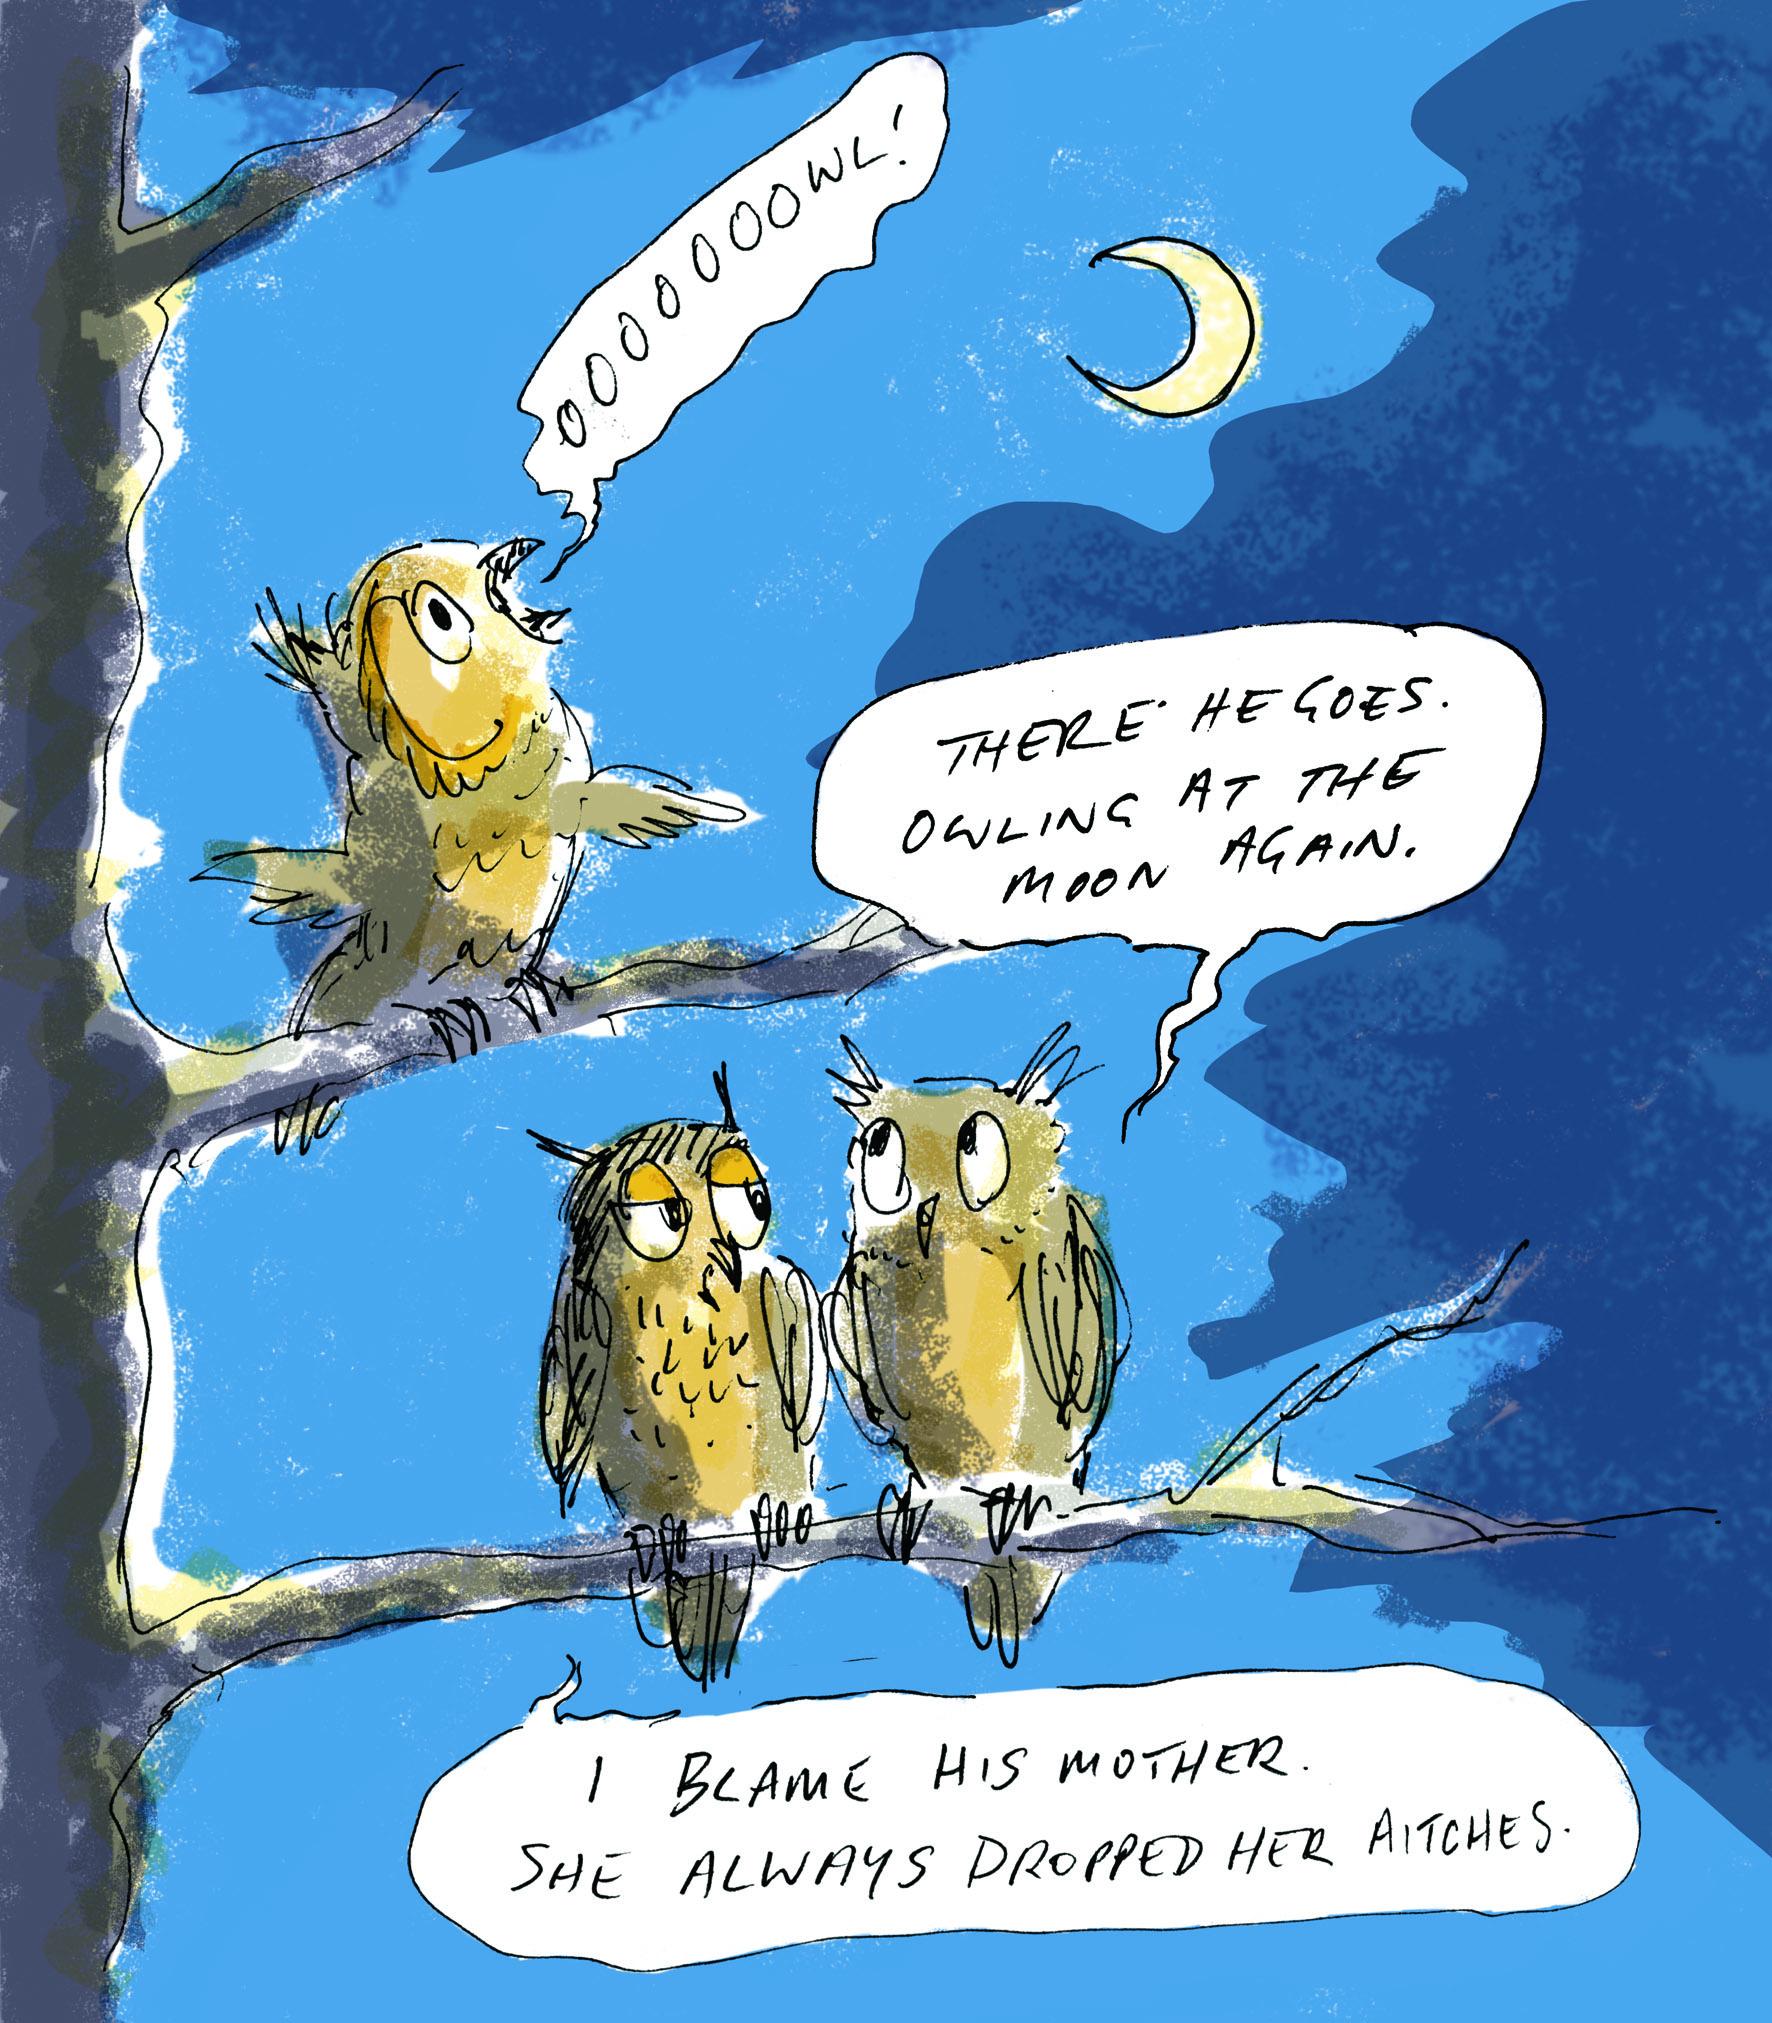 owling at the moon judywatsonart lores